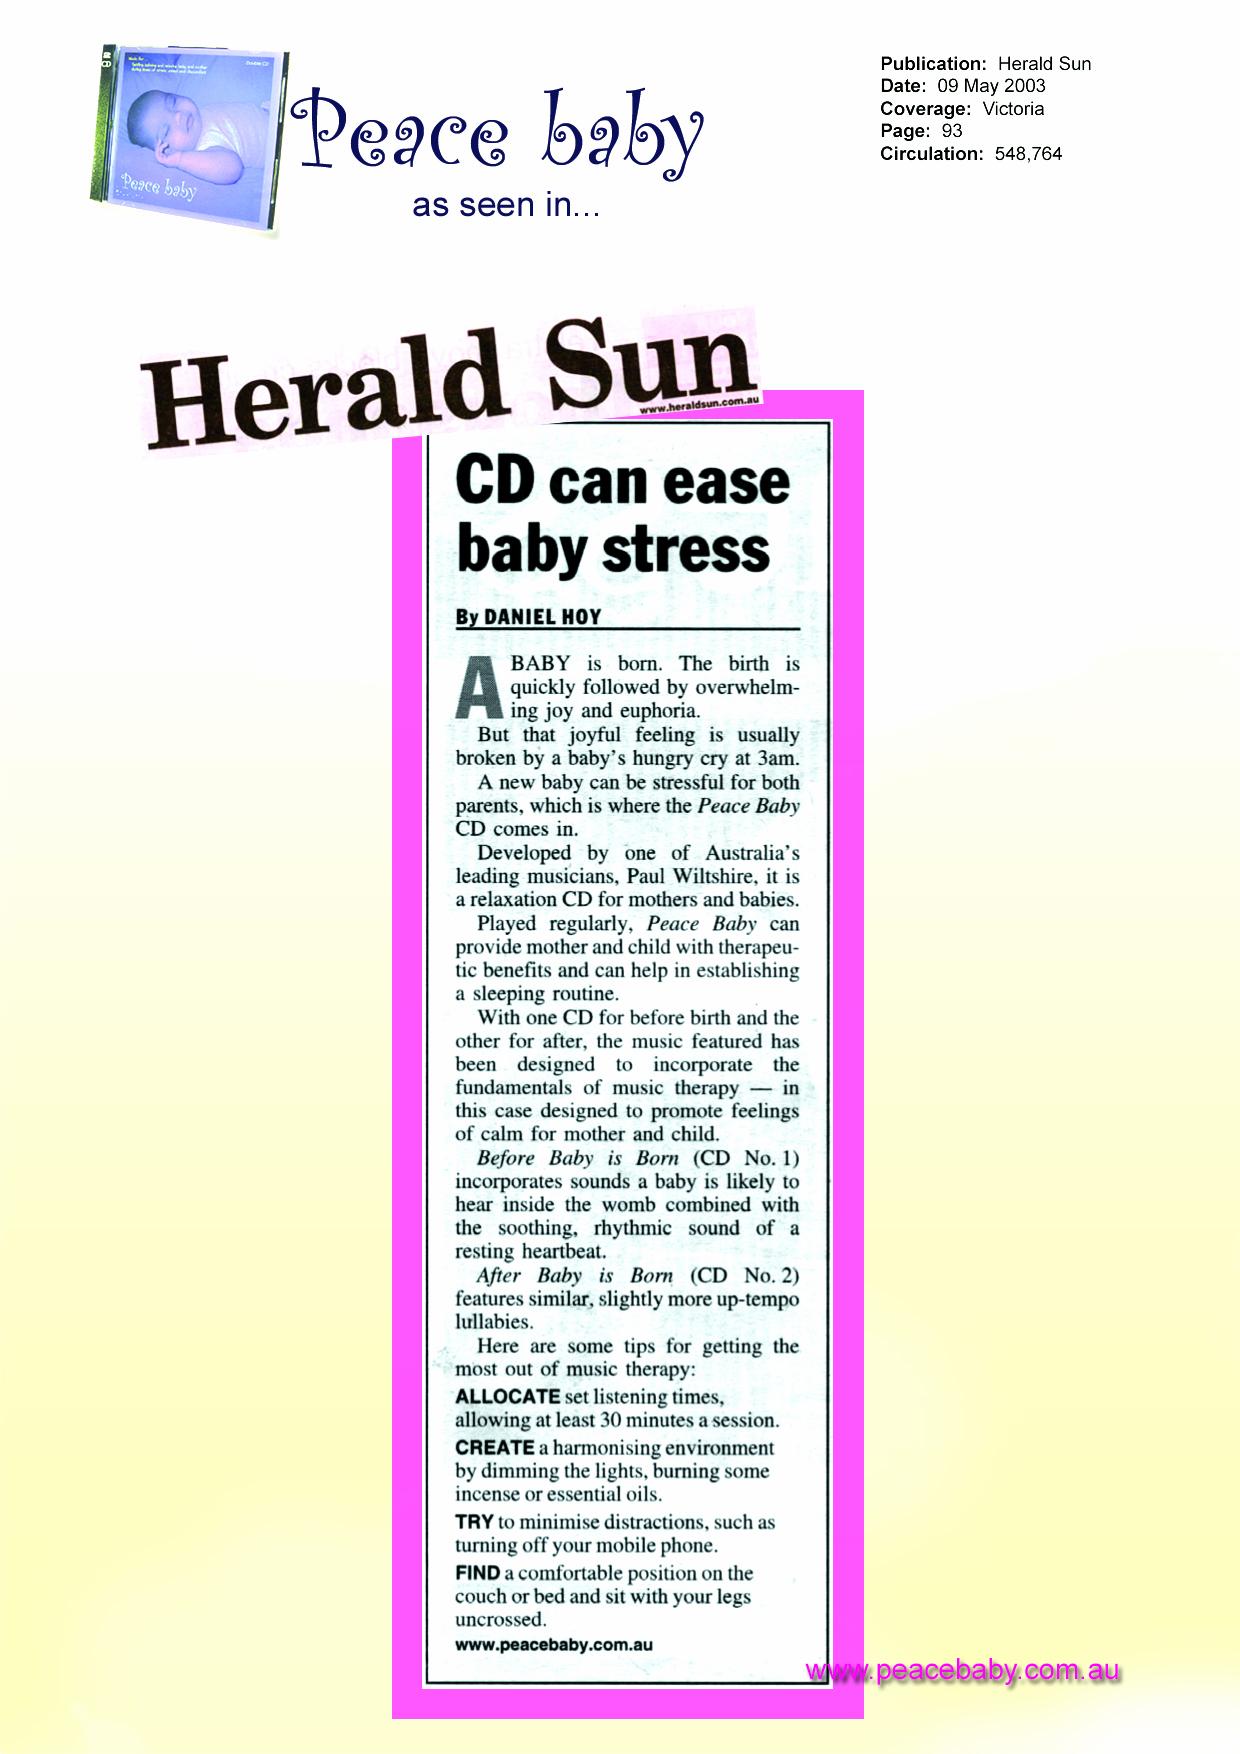 15.Herald_Sun_09.06.03.jpg